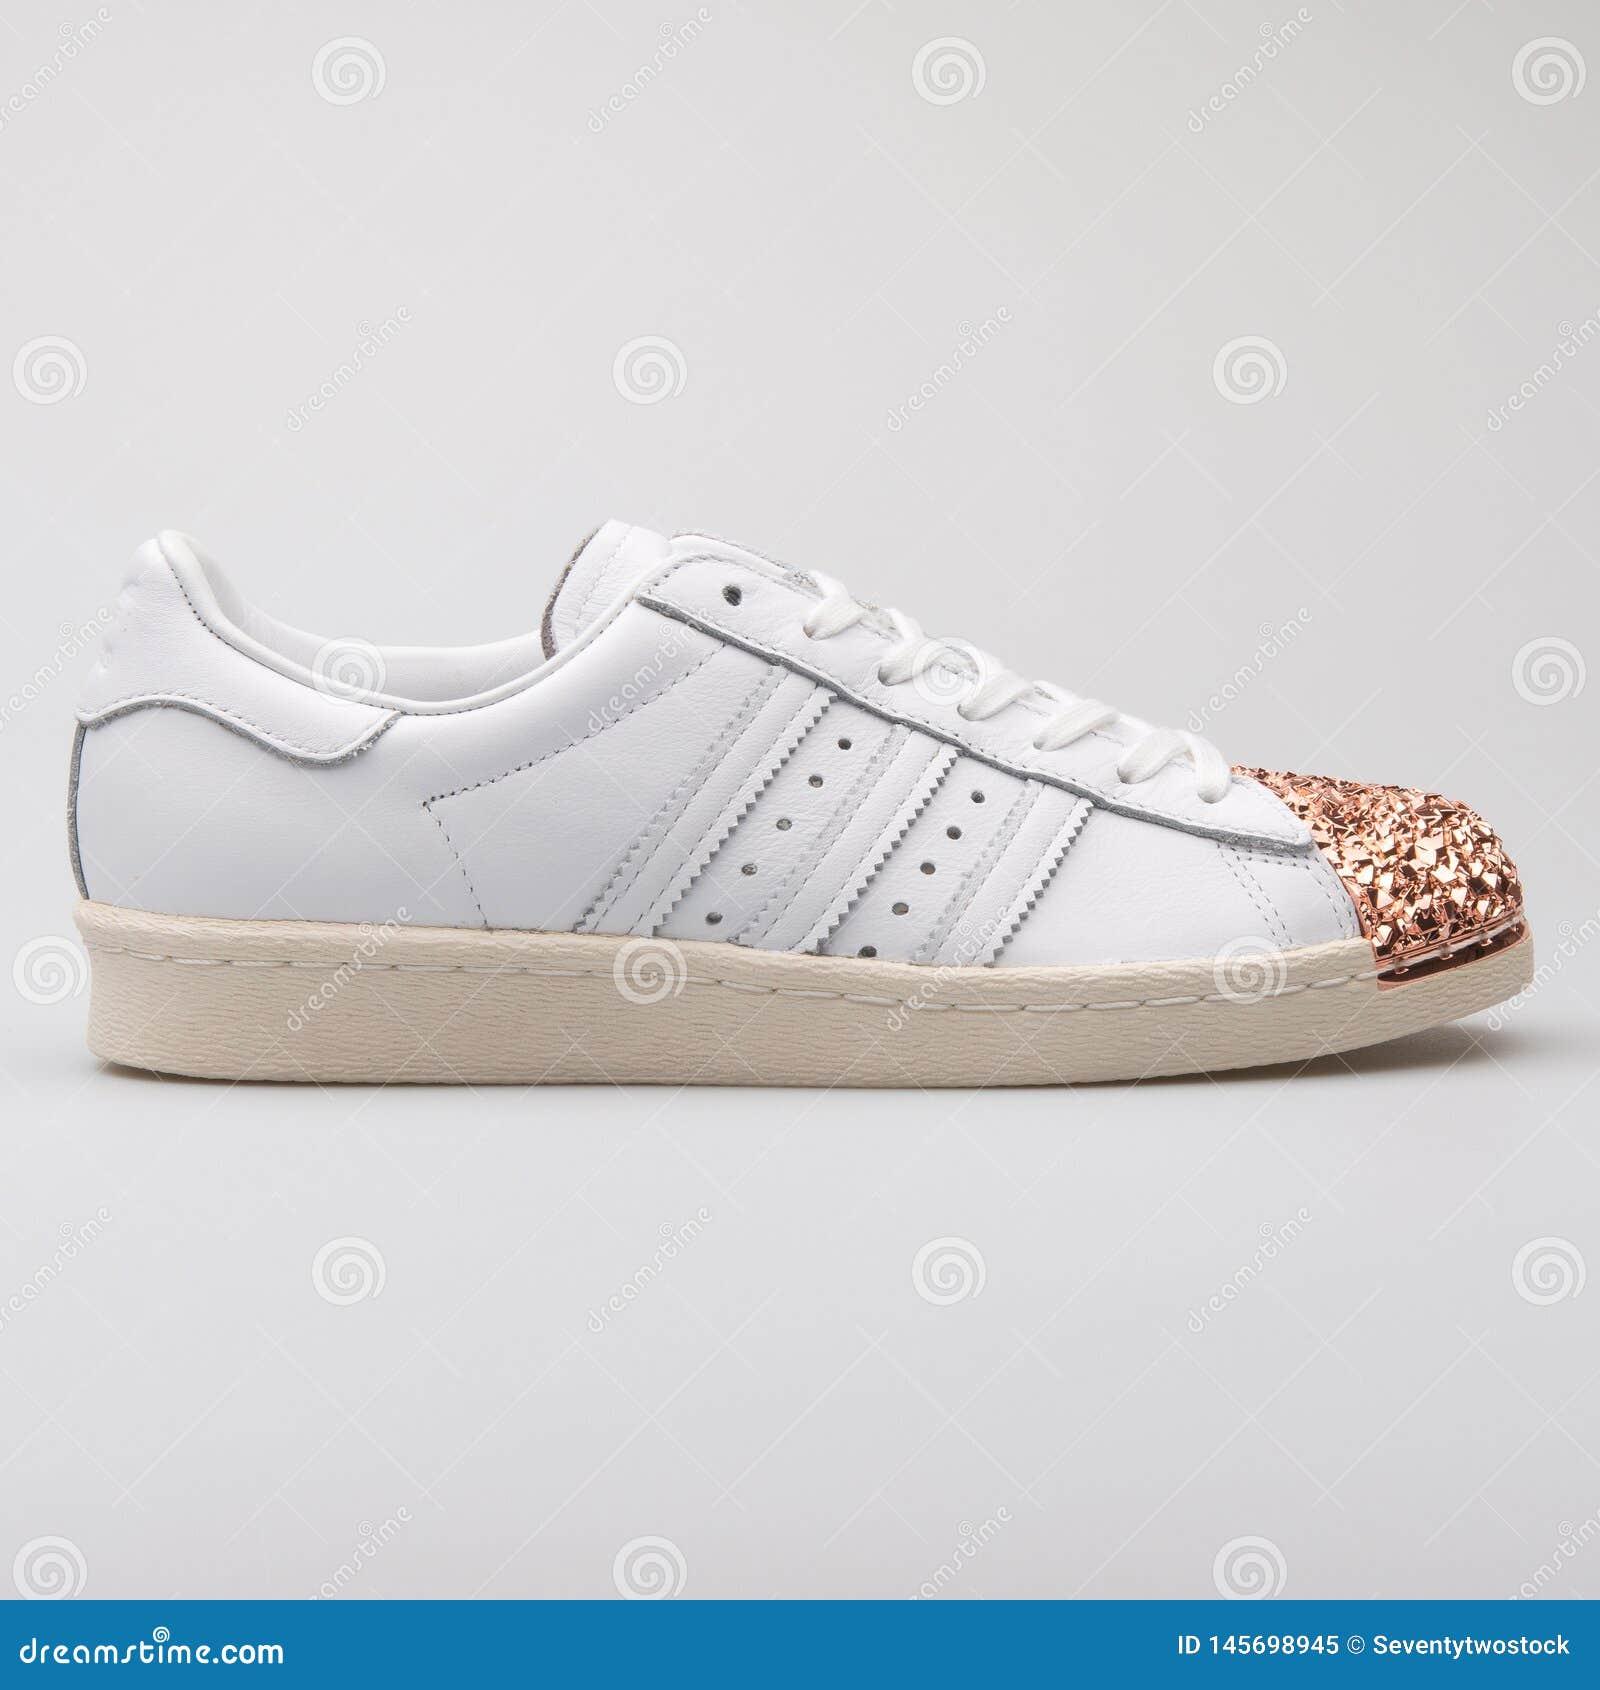 adidas superstar 80s white copper